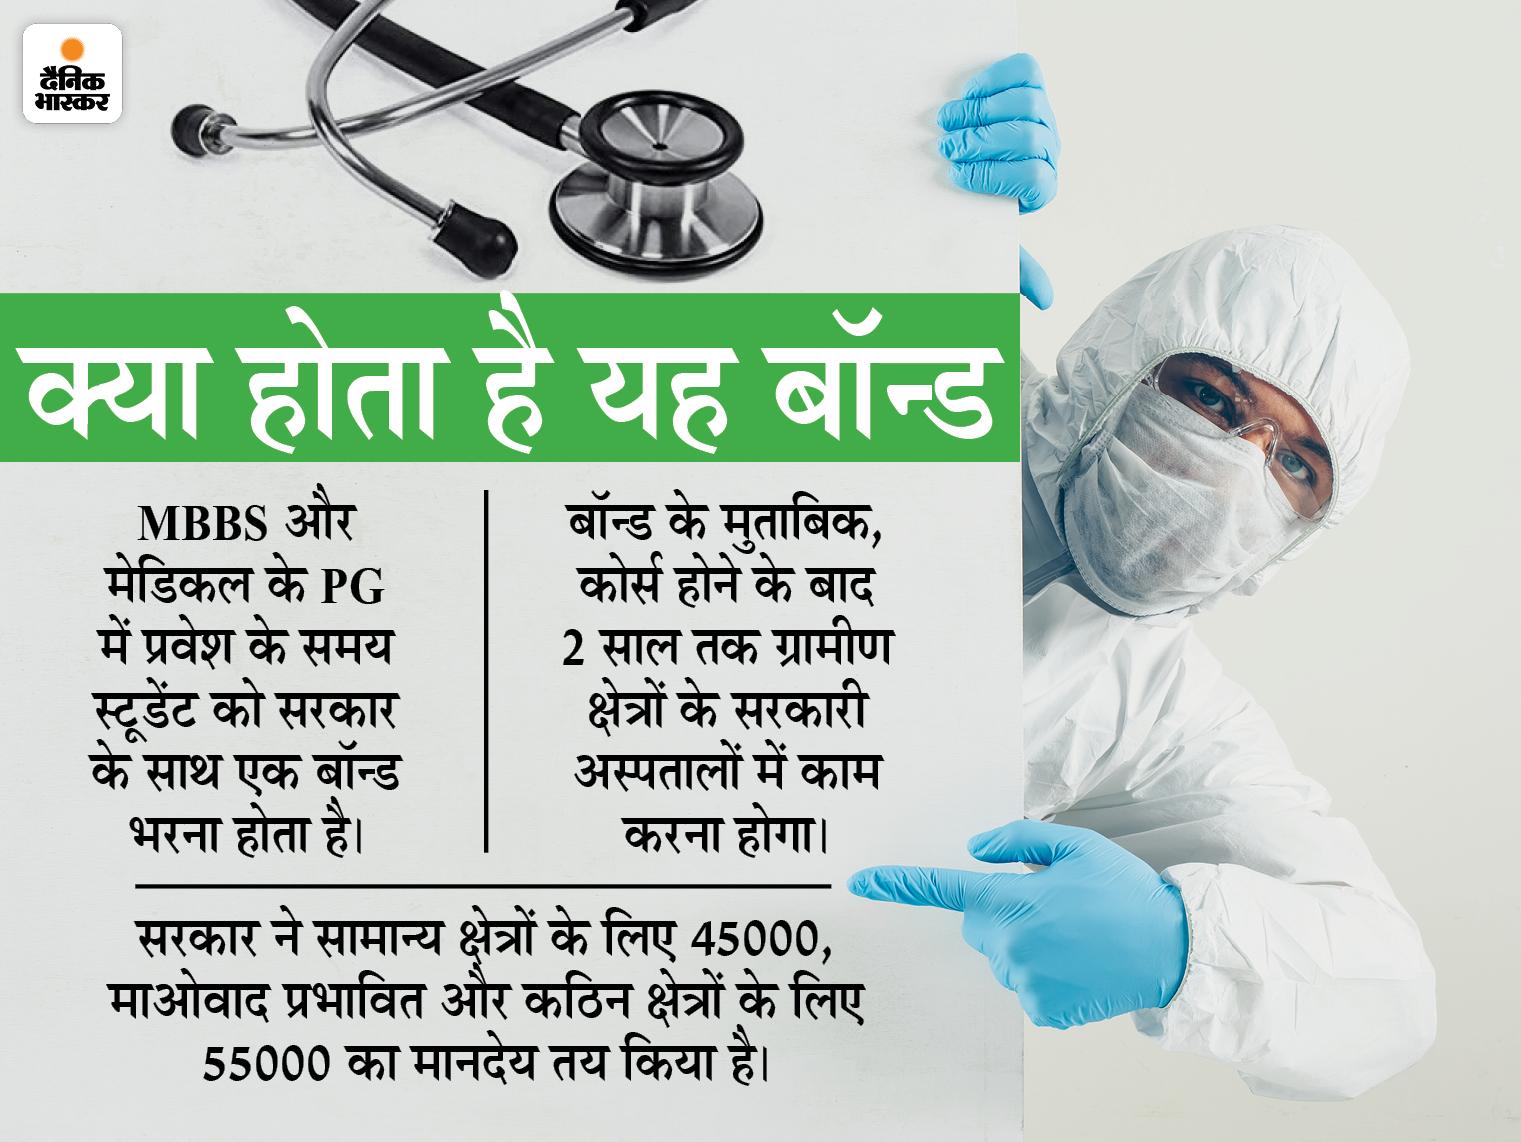 कोरोना संकट के बीच अपने पढ़ाए 54 डॉक्टरों को ढूंढ रही है छत्तीसगढ़ सरकार, 5 दिनों में जॉइन नहीं किया तो कार्रवाई|रायपुर,Raipur - Dainik Bhaskar